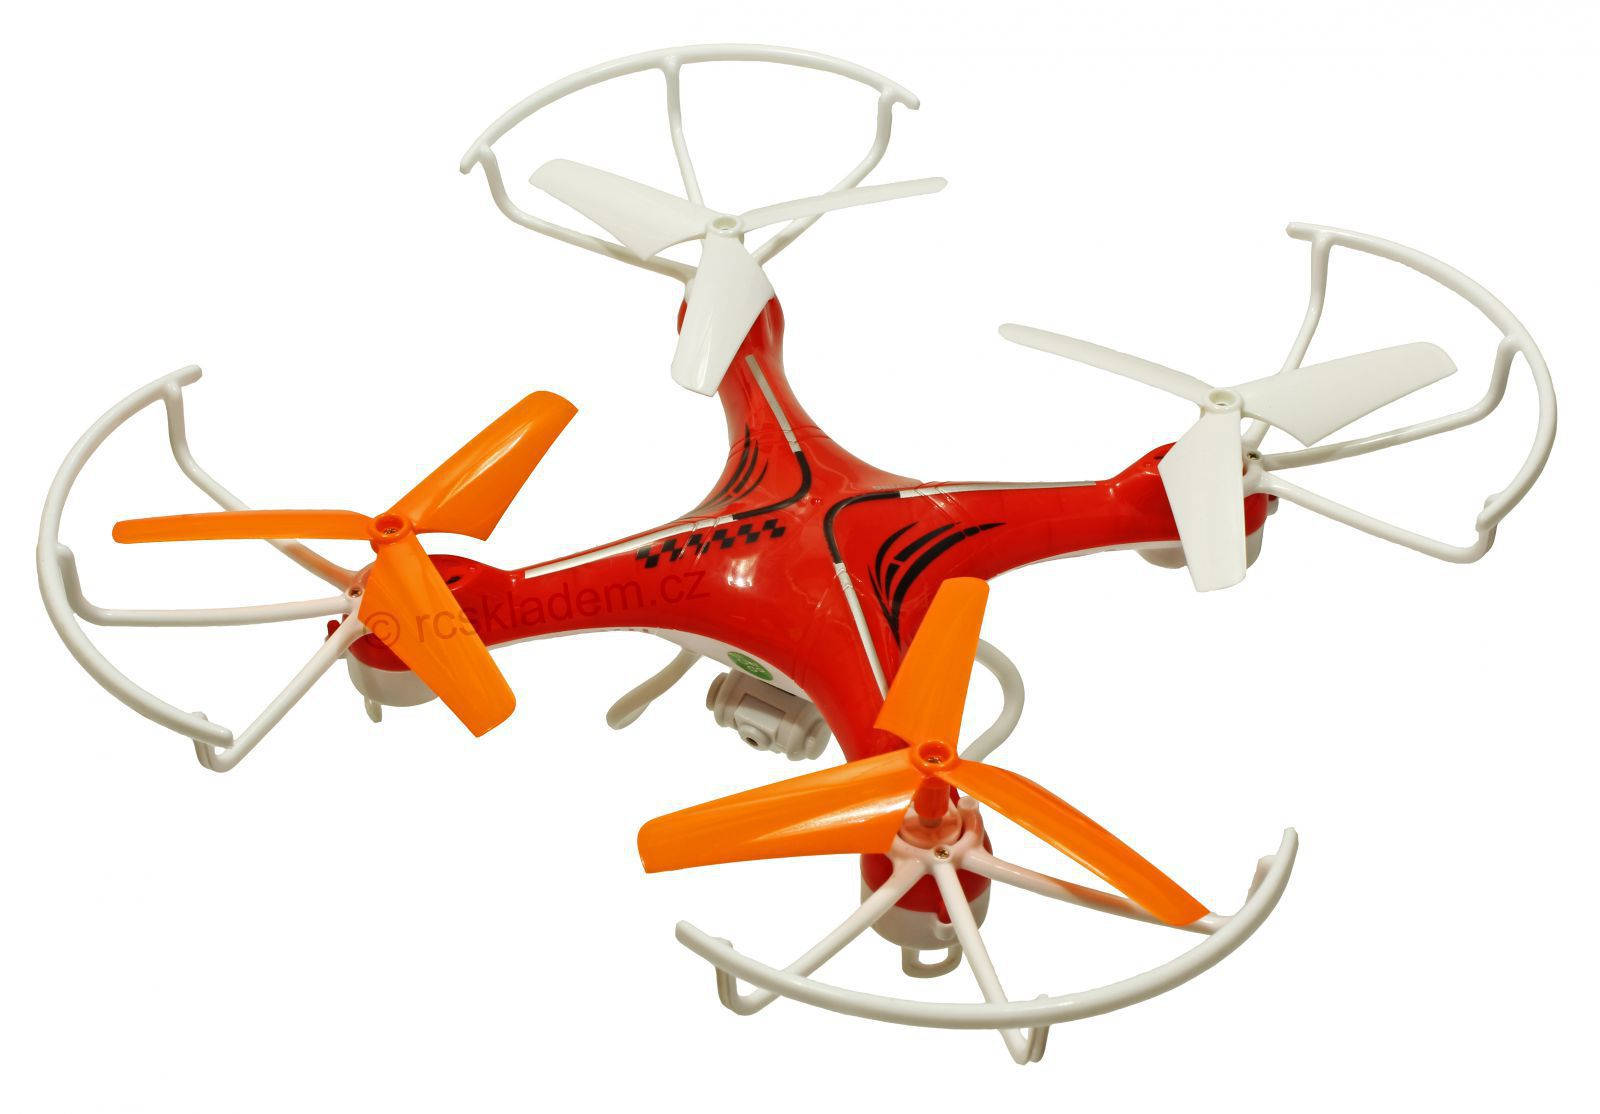 Dron Voyager s třílistými vrtulemi, kamerou MASTER PRO s extra baterií navíc až 20 minut letu